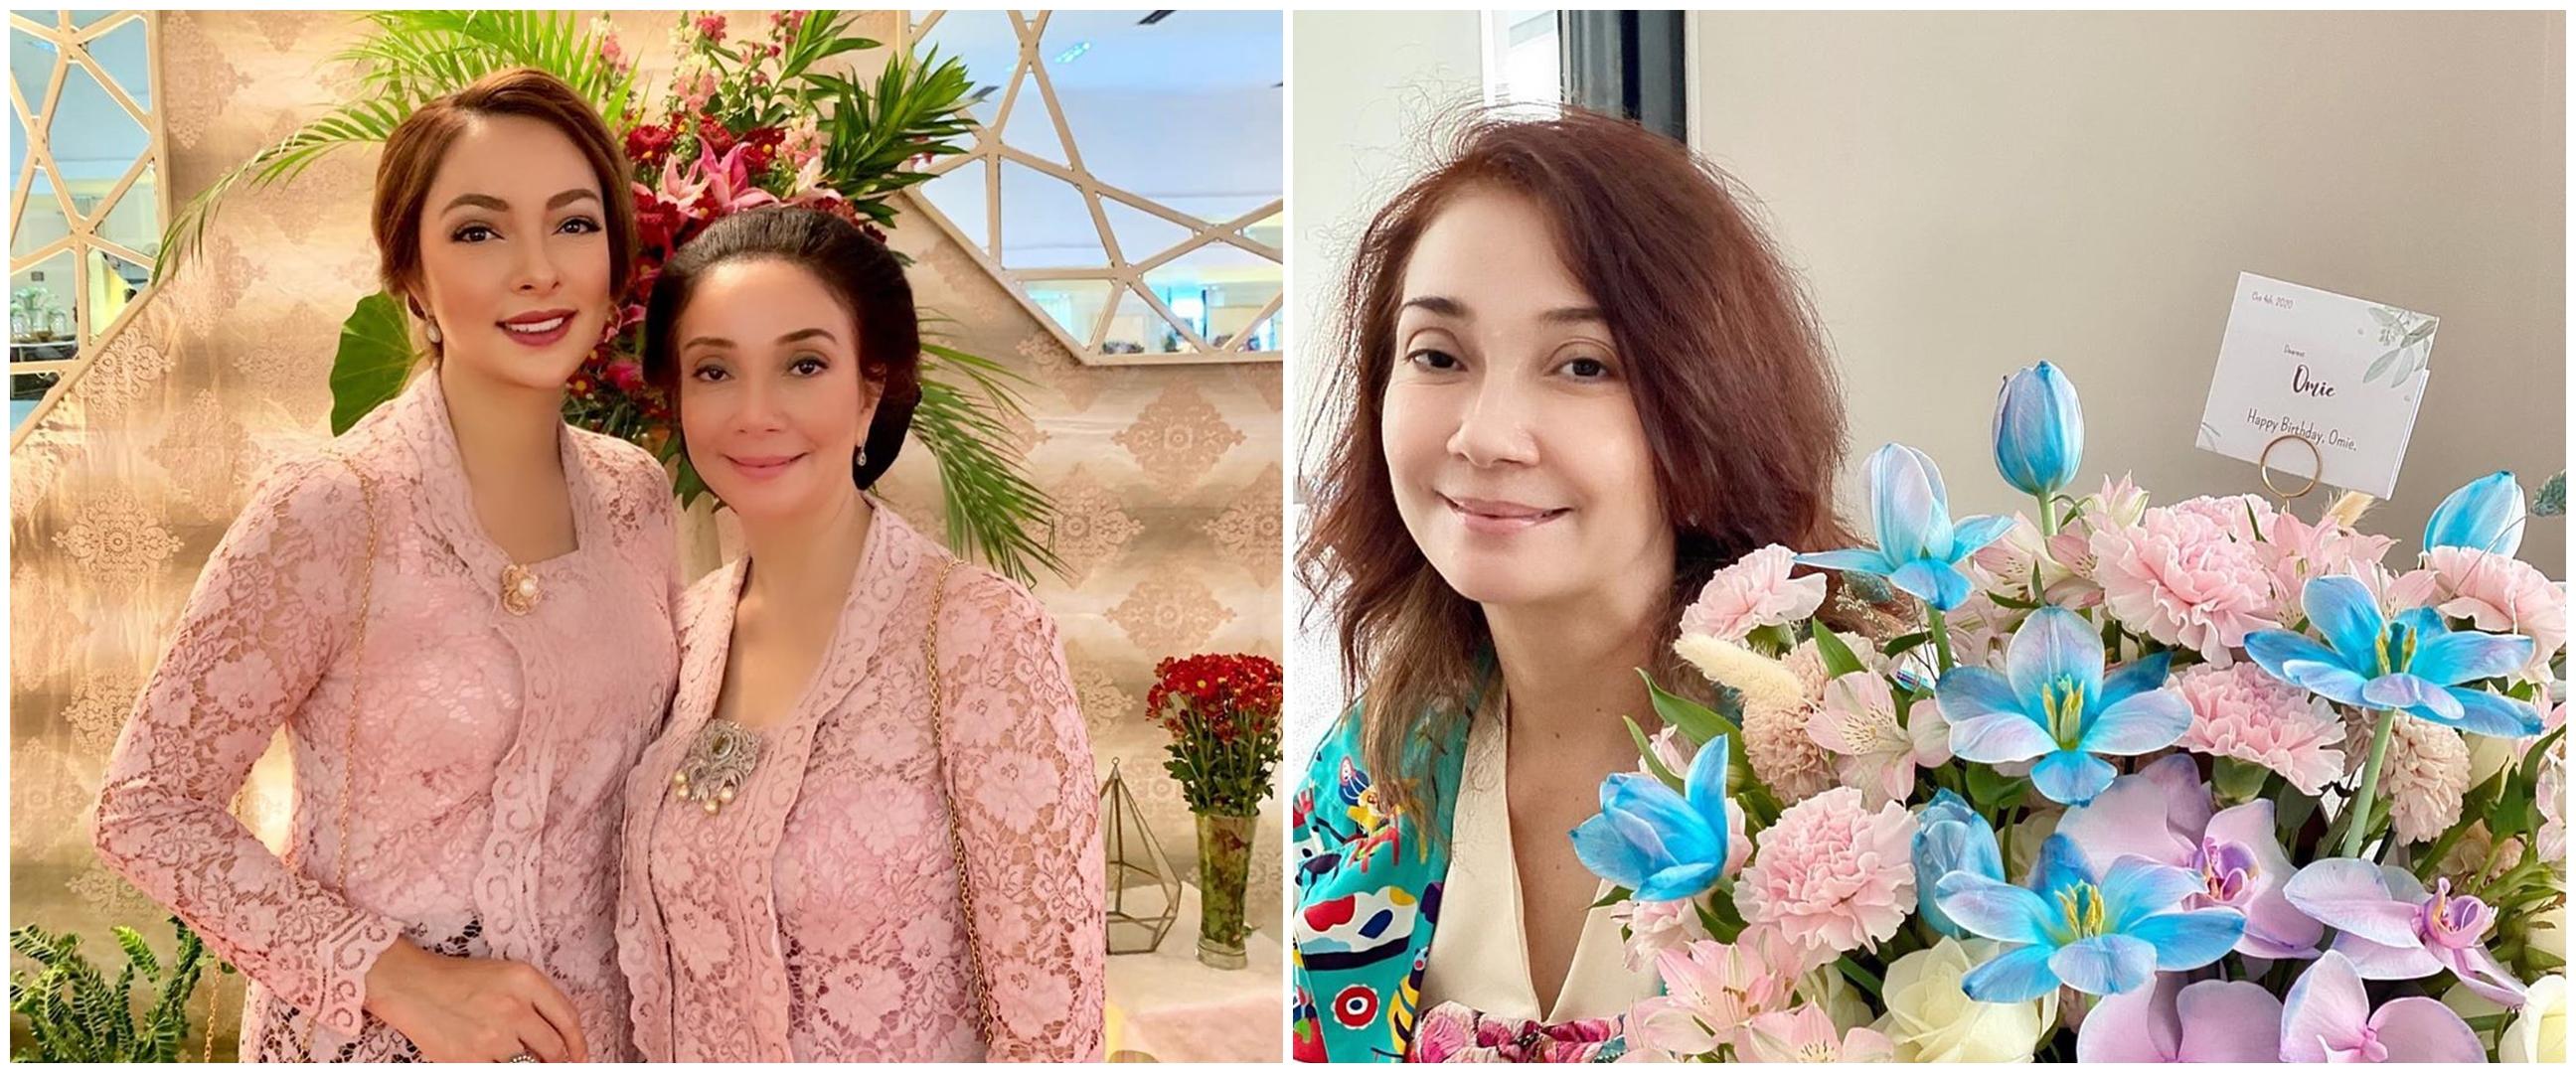 8 Pesona Dewi Pandamsari, ibu dokter Reisa Broto Asmoro yang awet muda